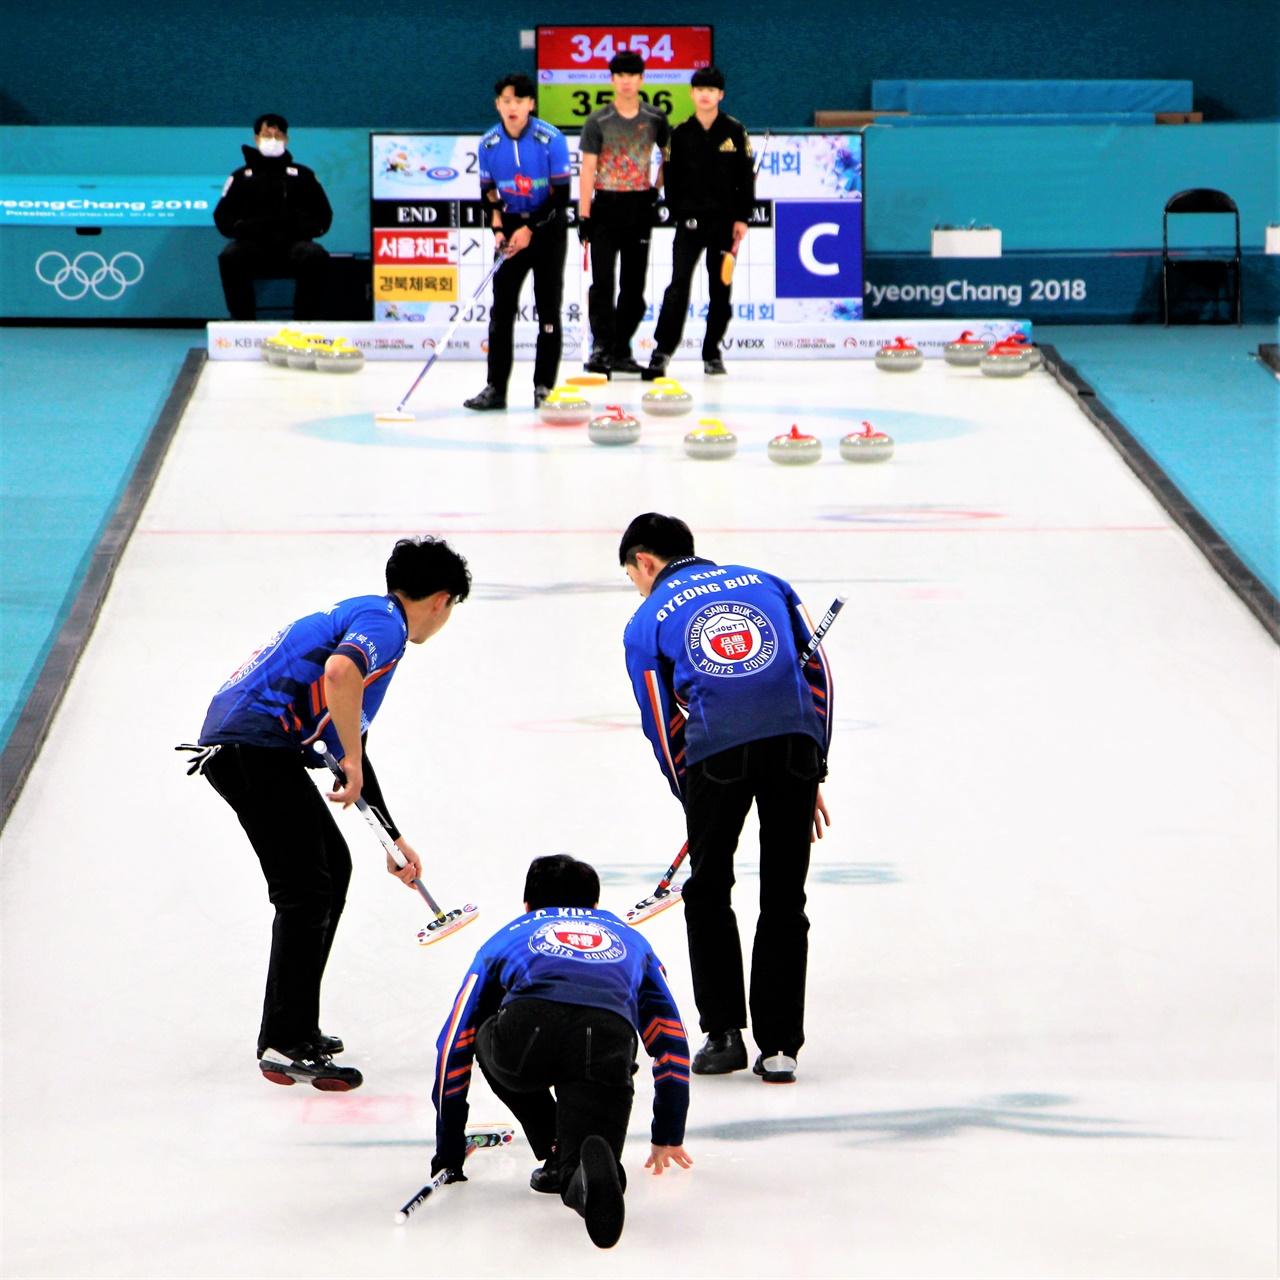 경북체육회 남자 컬링팀 선수들이 23일 열린 한국선수권 최종전에서 경기에 임하고 있다.